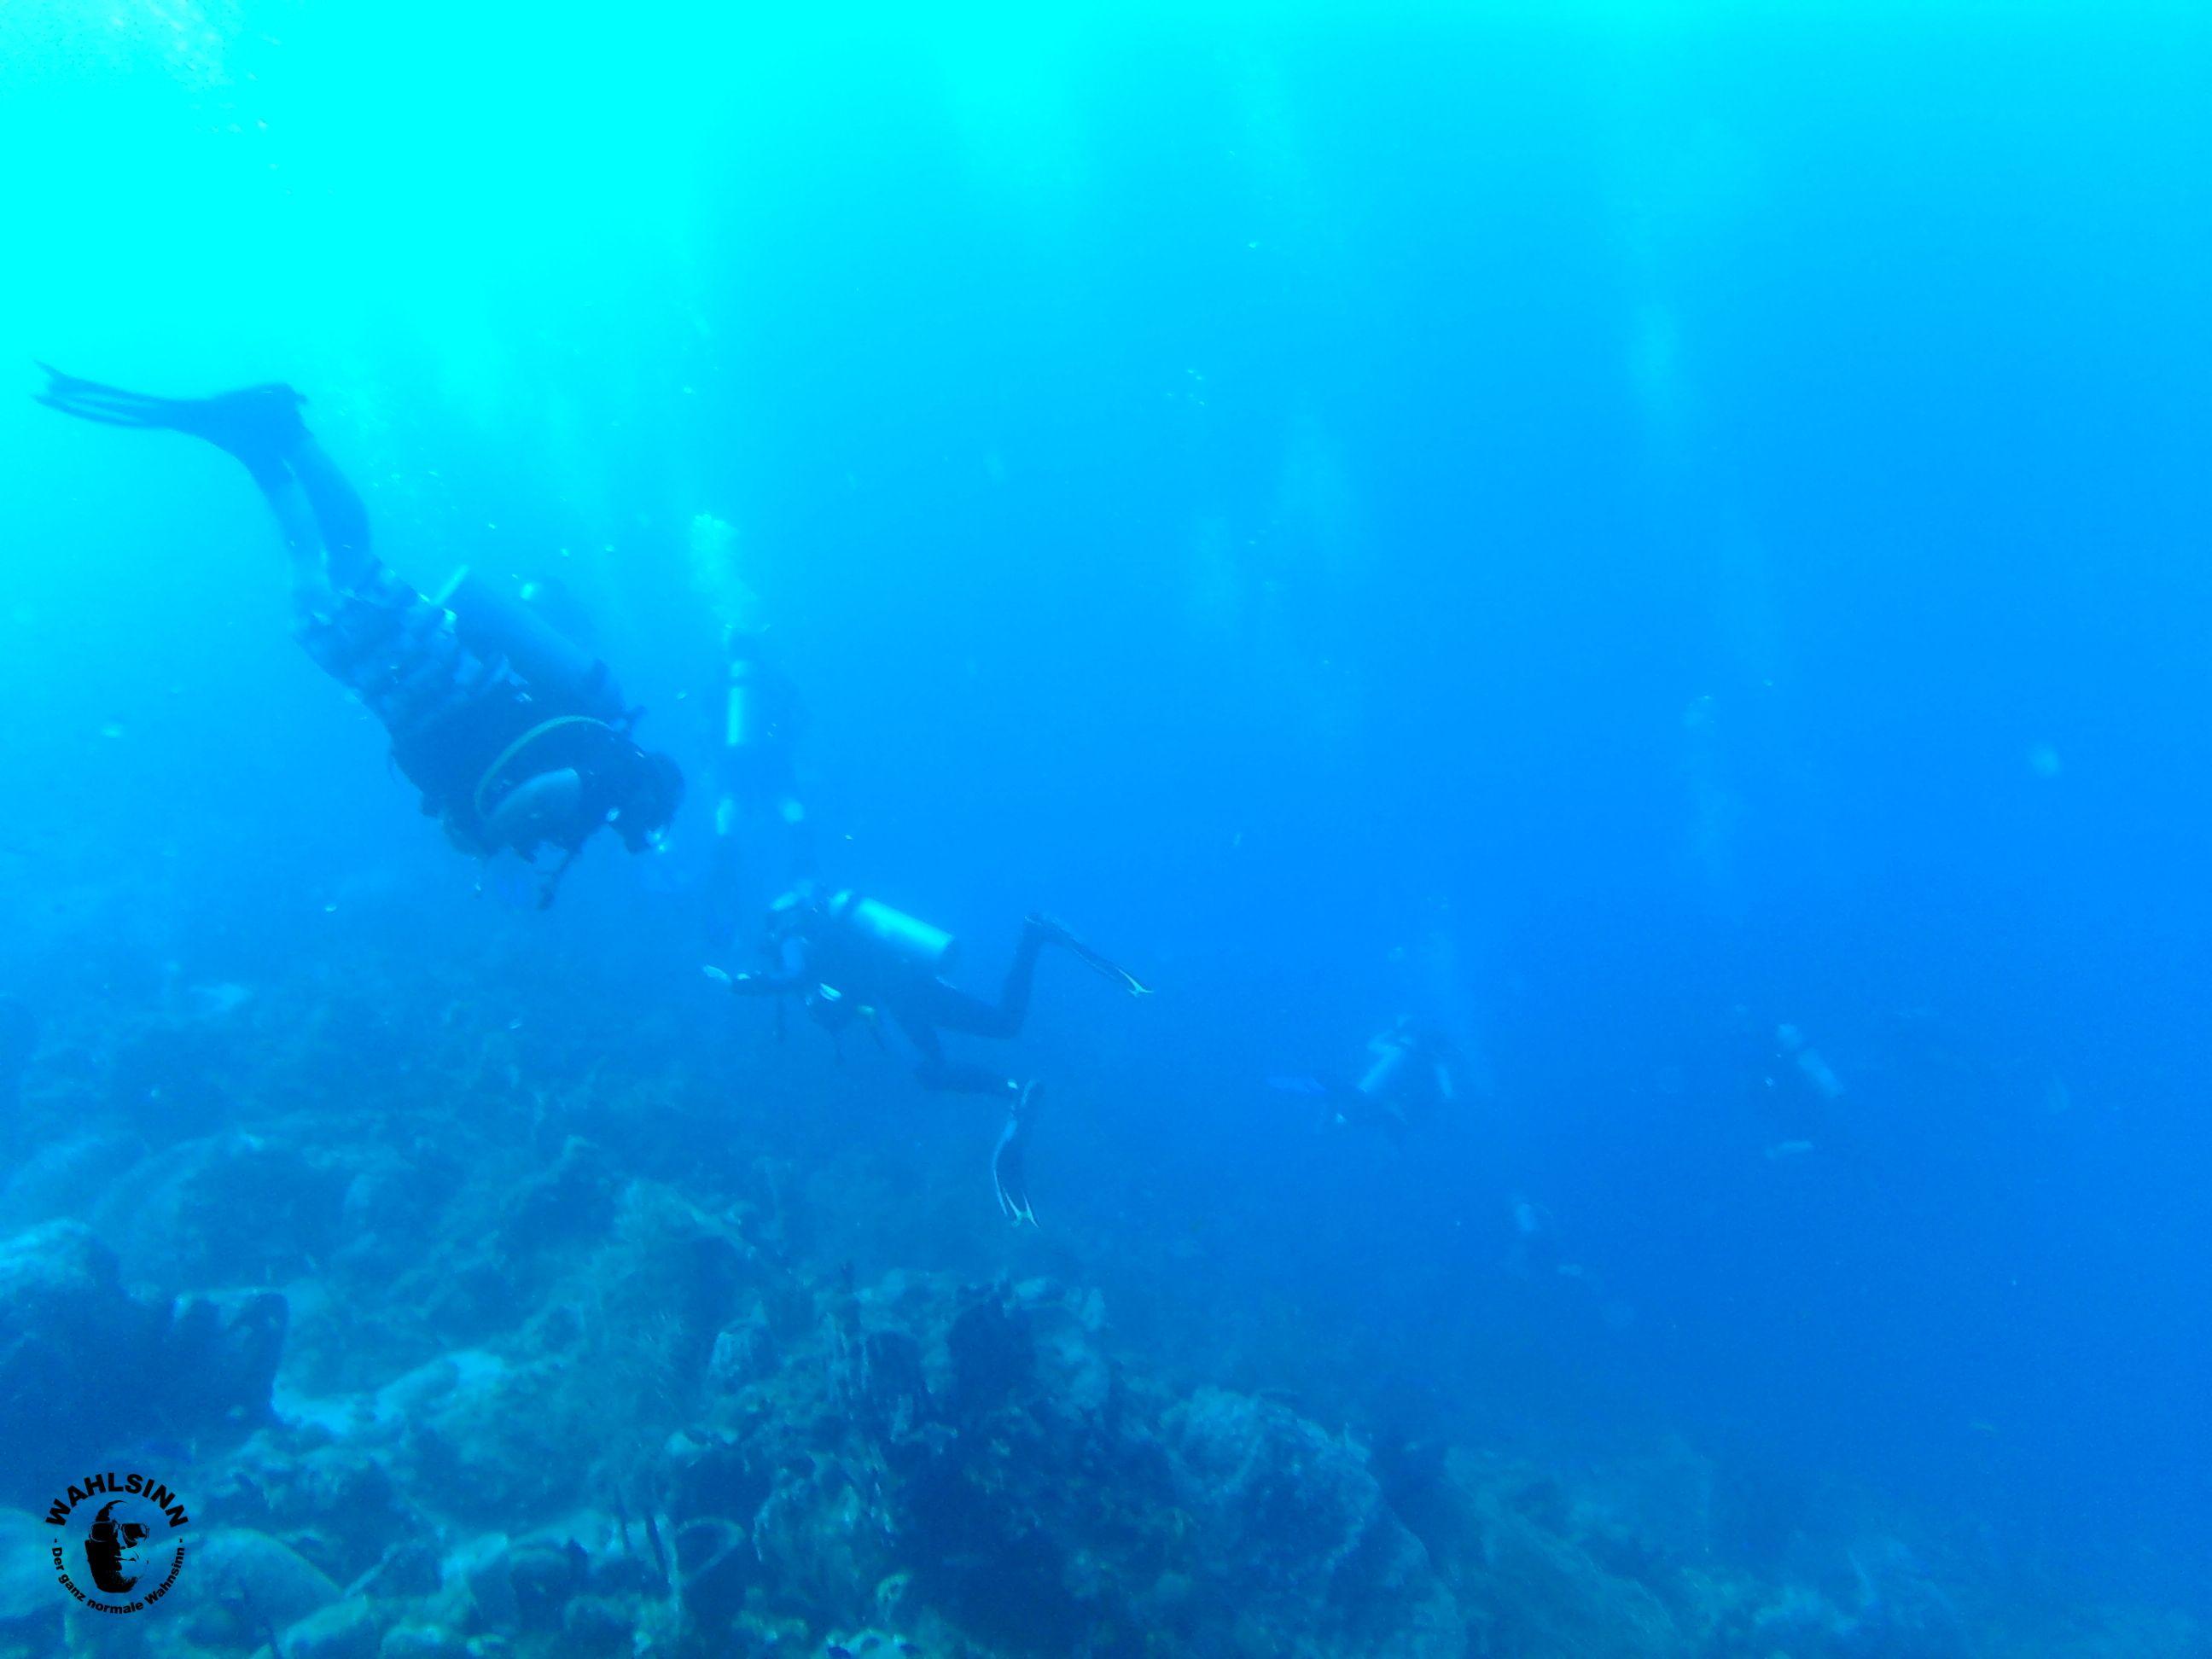 St. Lucia - UNGLAUBLICHE Sichtweiten unter Wasser vor St. Lucia